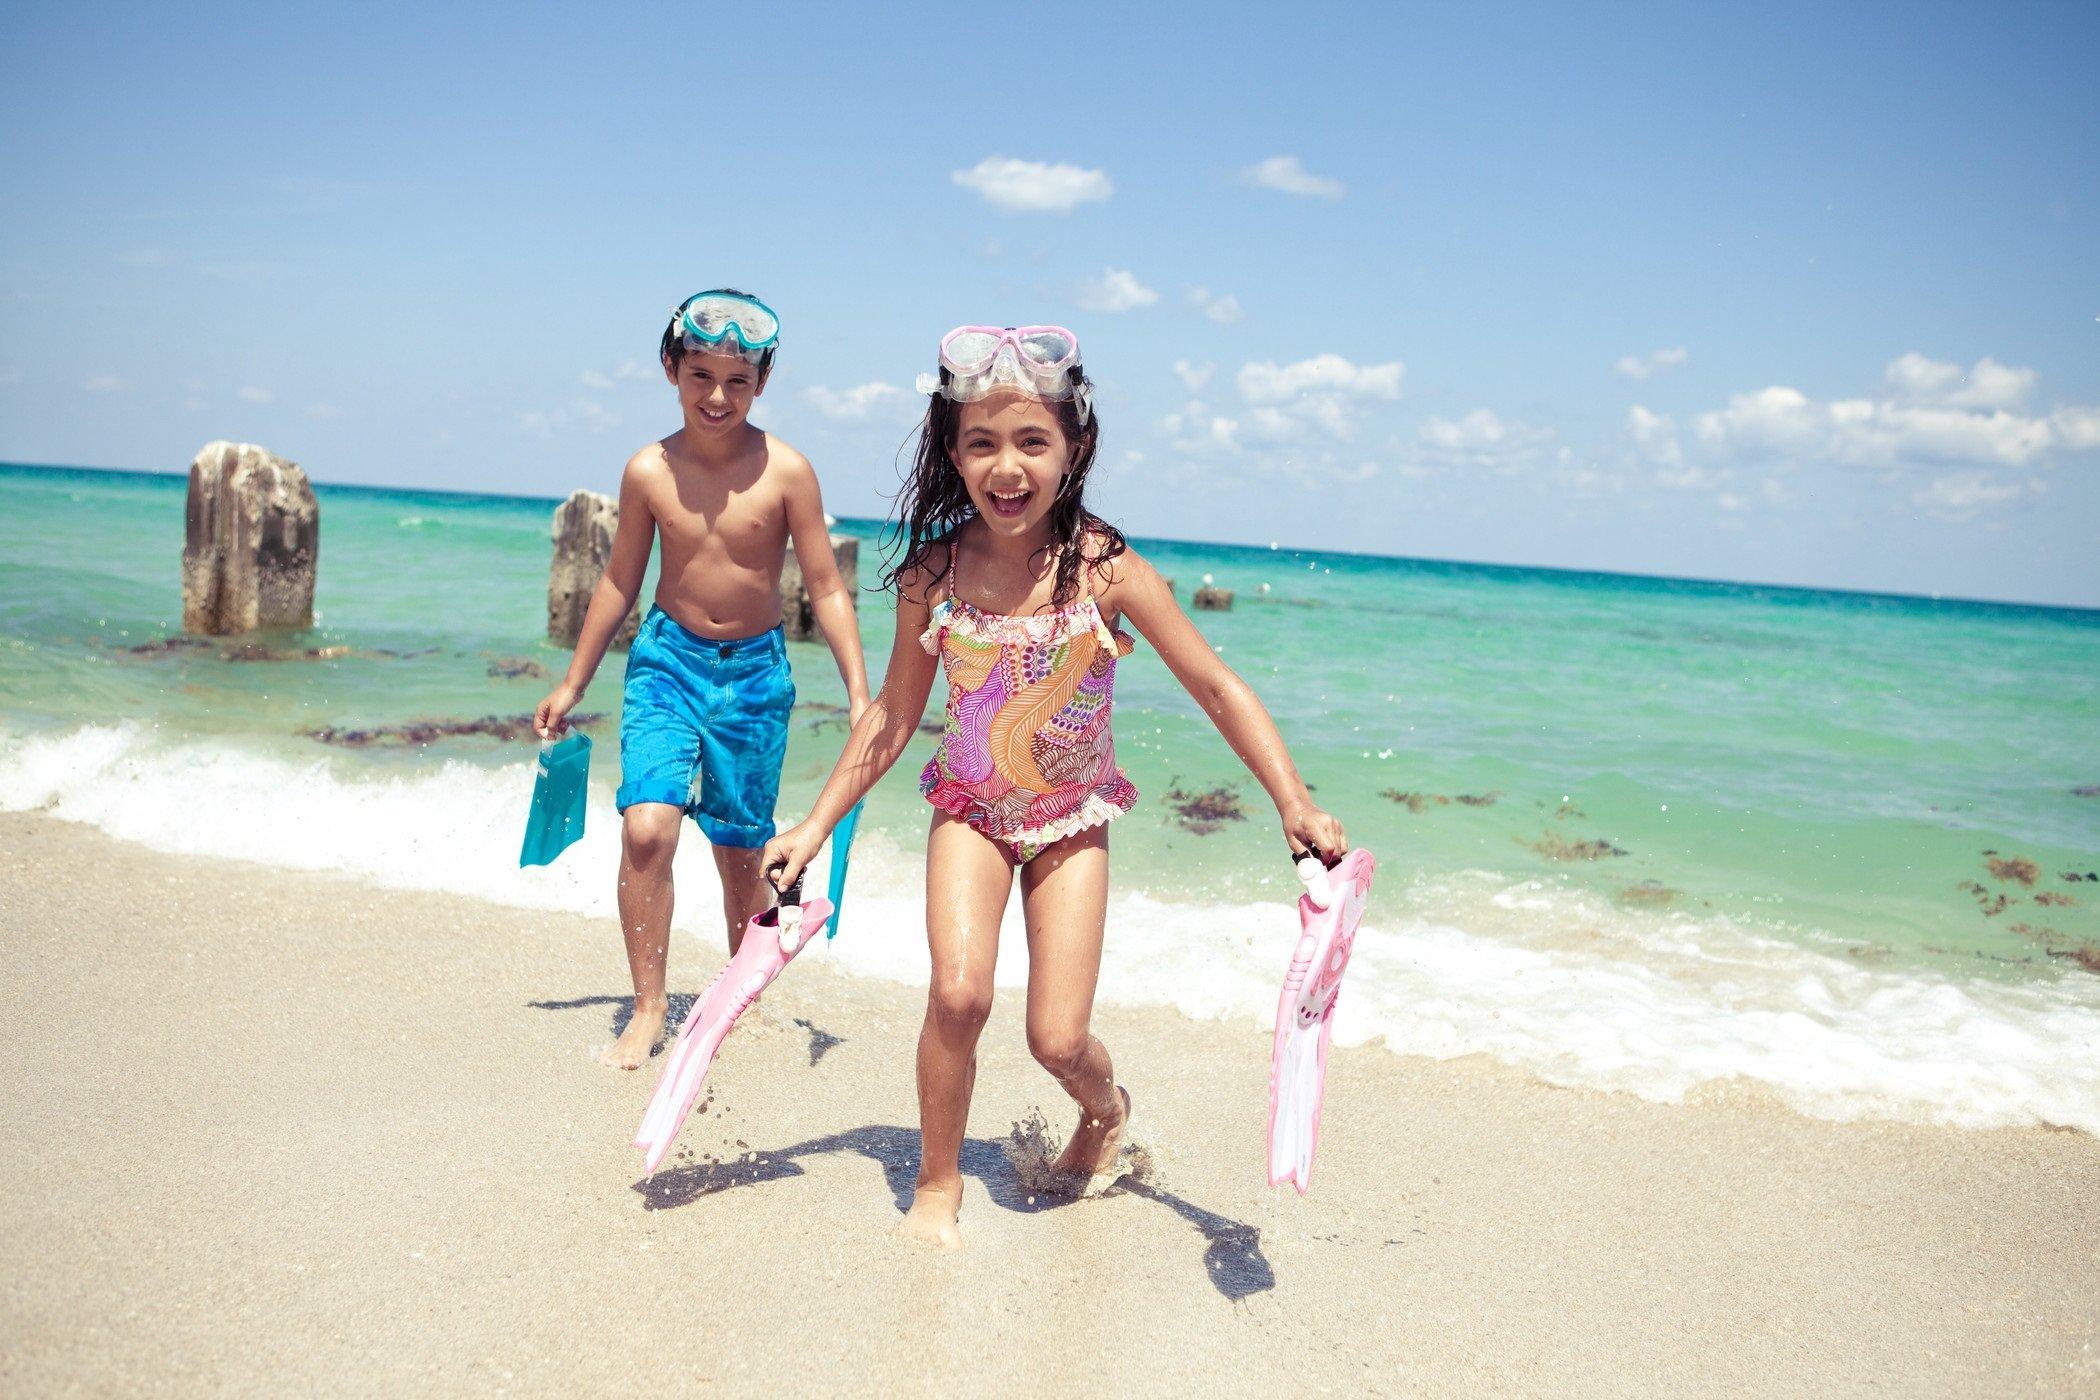 منتجع سانت ريجيس المالديف يحتفي بعيد الفصح على شواطئ جزيرته الخاصة